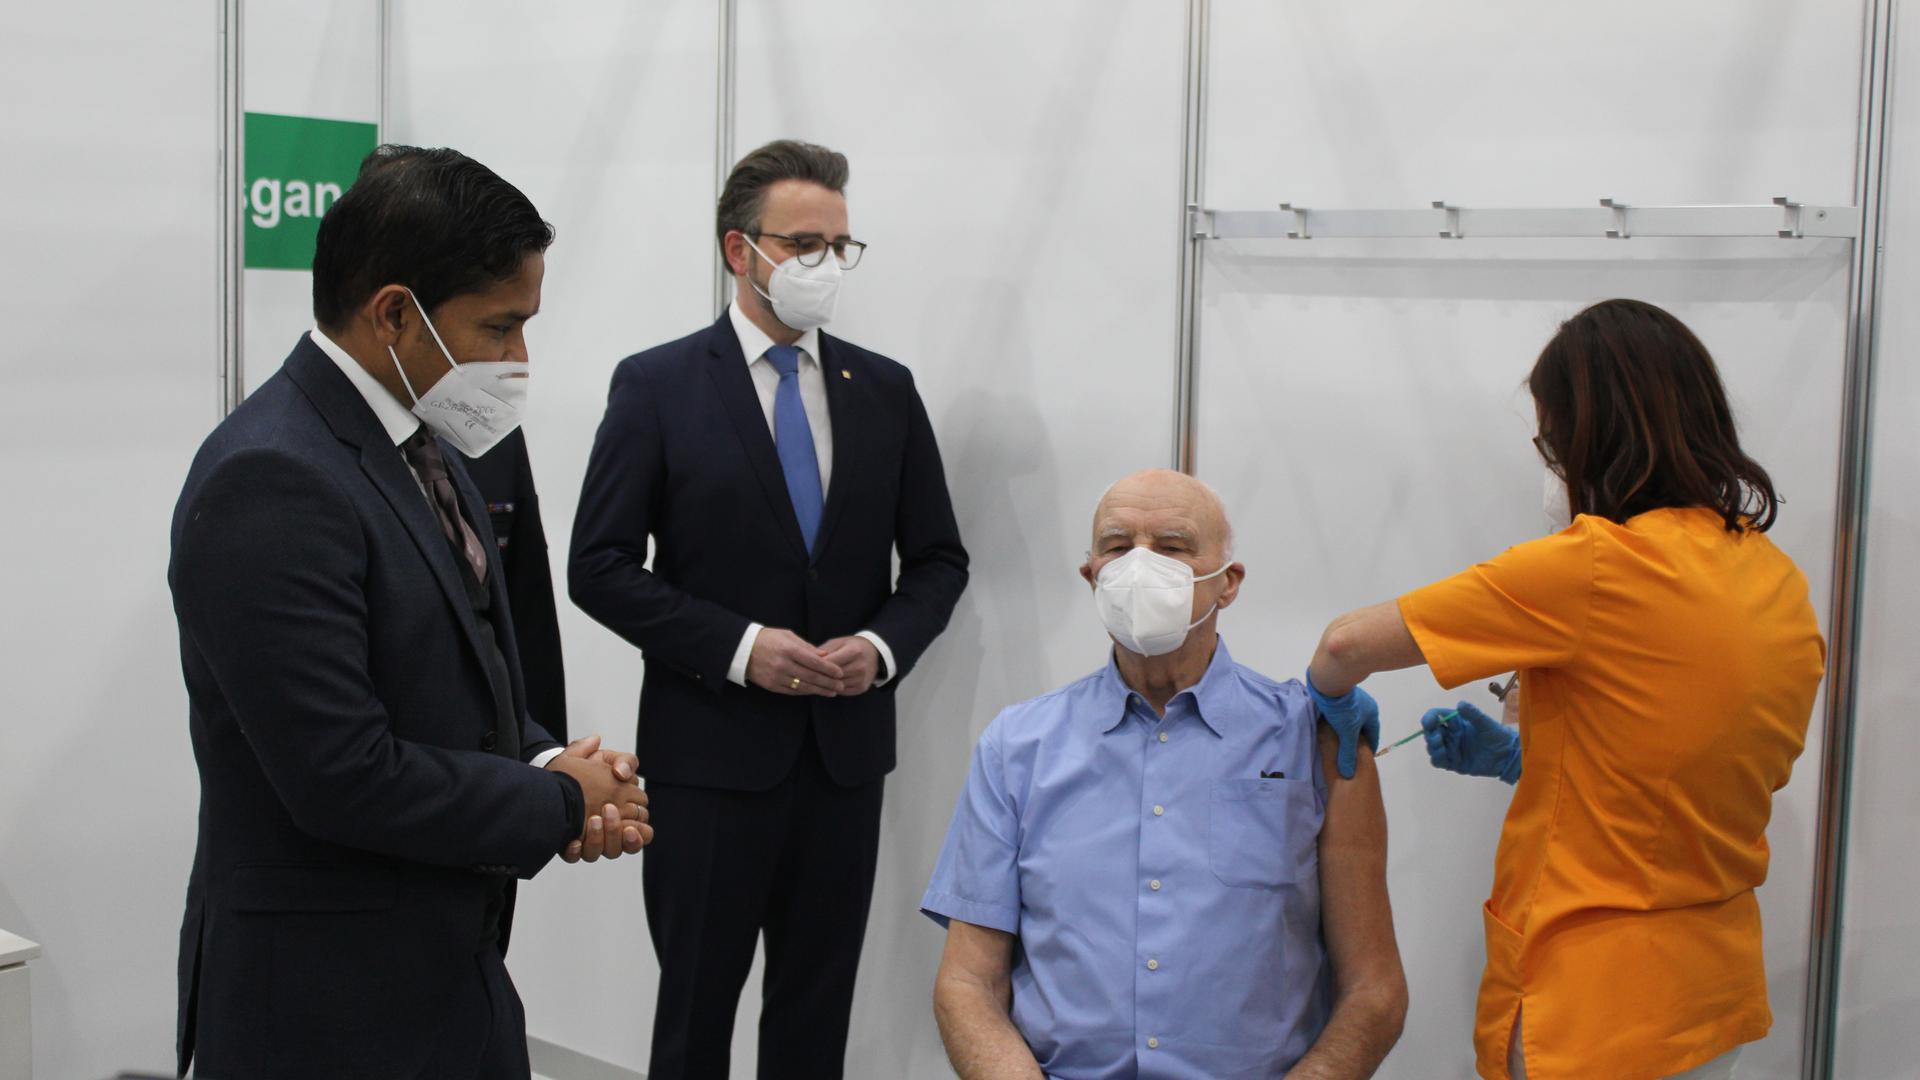 Ein Mann lässt sich von einer Frau impfen. Links neben ihm stehen zwei weitere Männer.